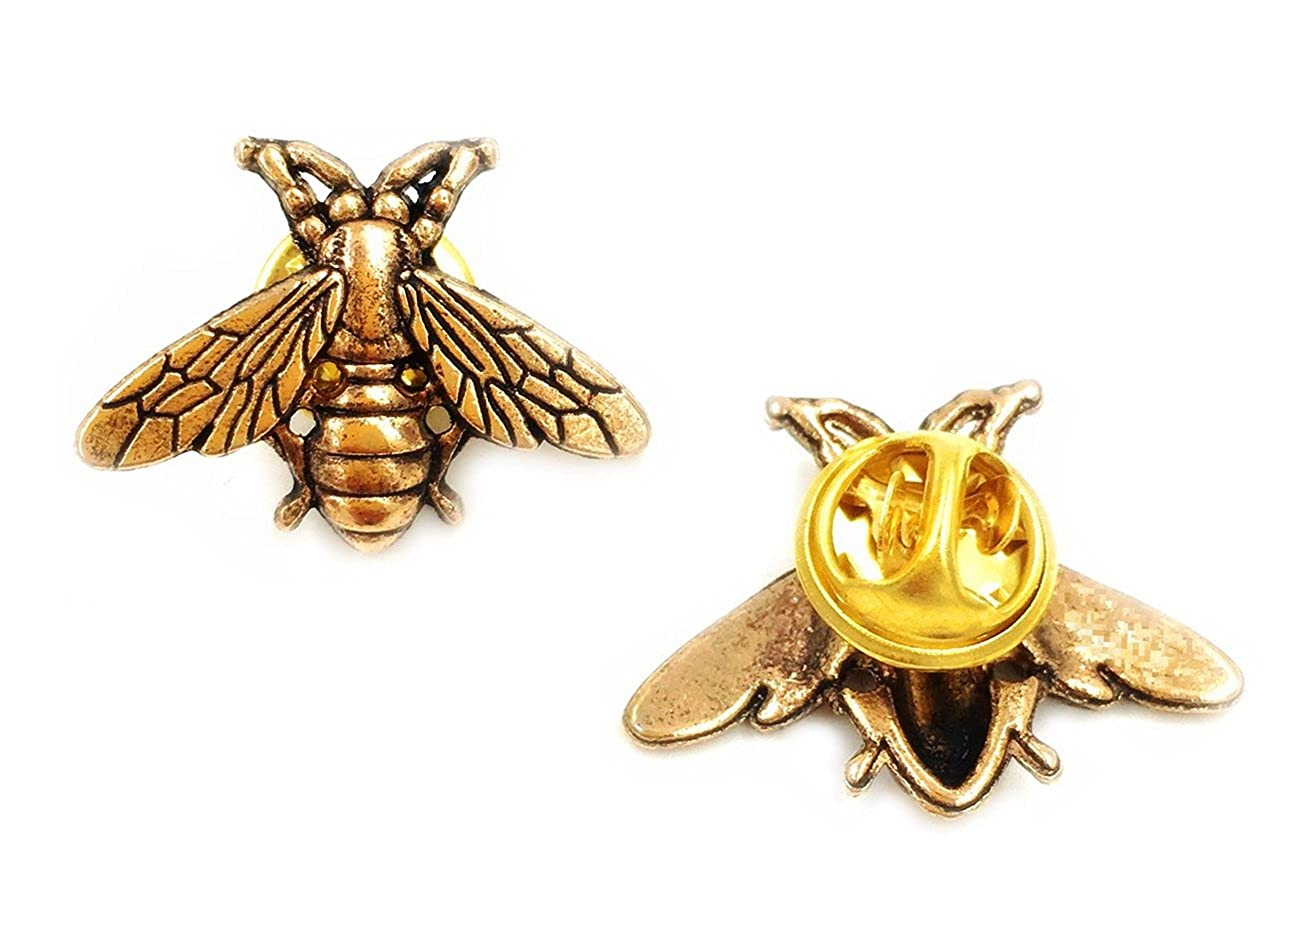 Amazon.com: Odette Vintage male metal bees shirt brooch novelty suit ...